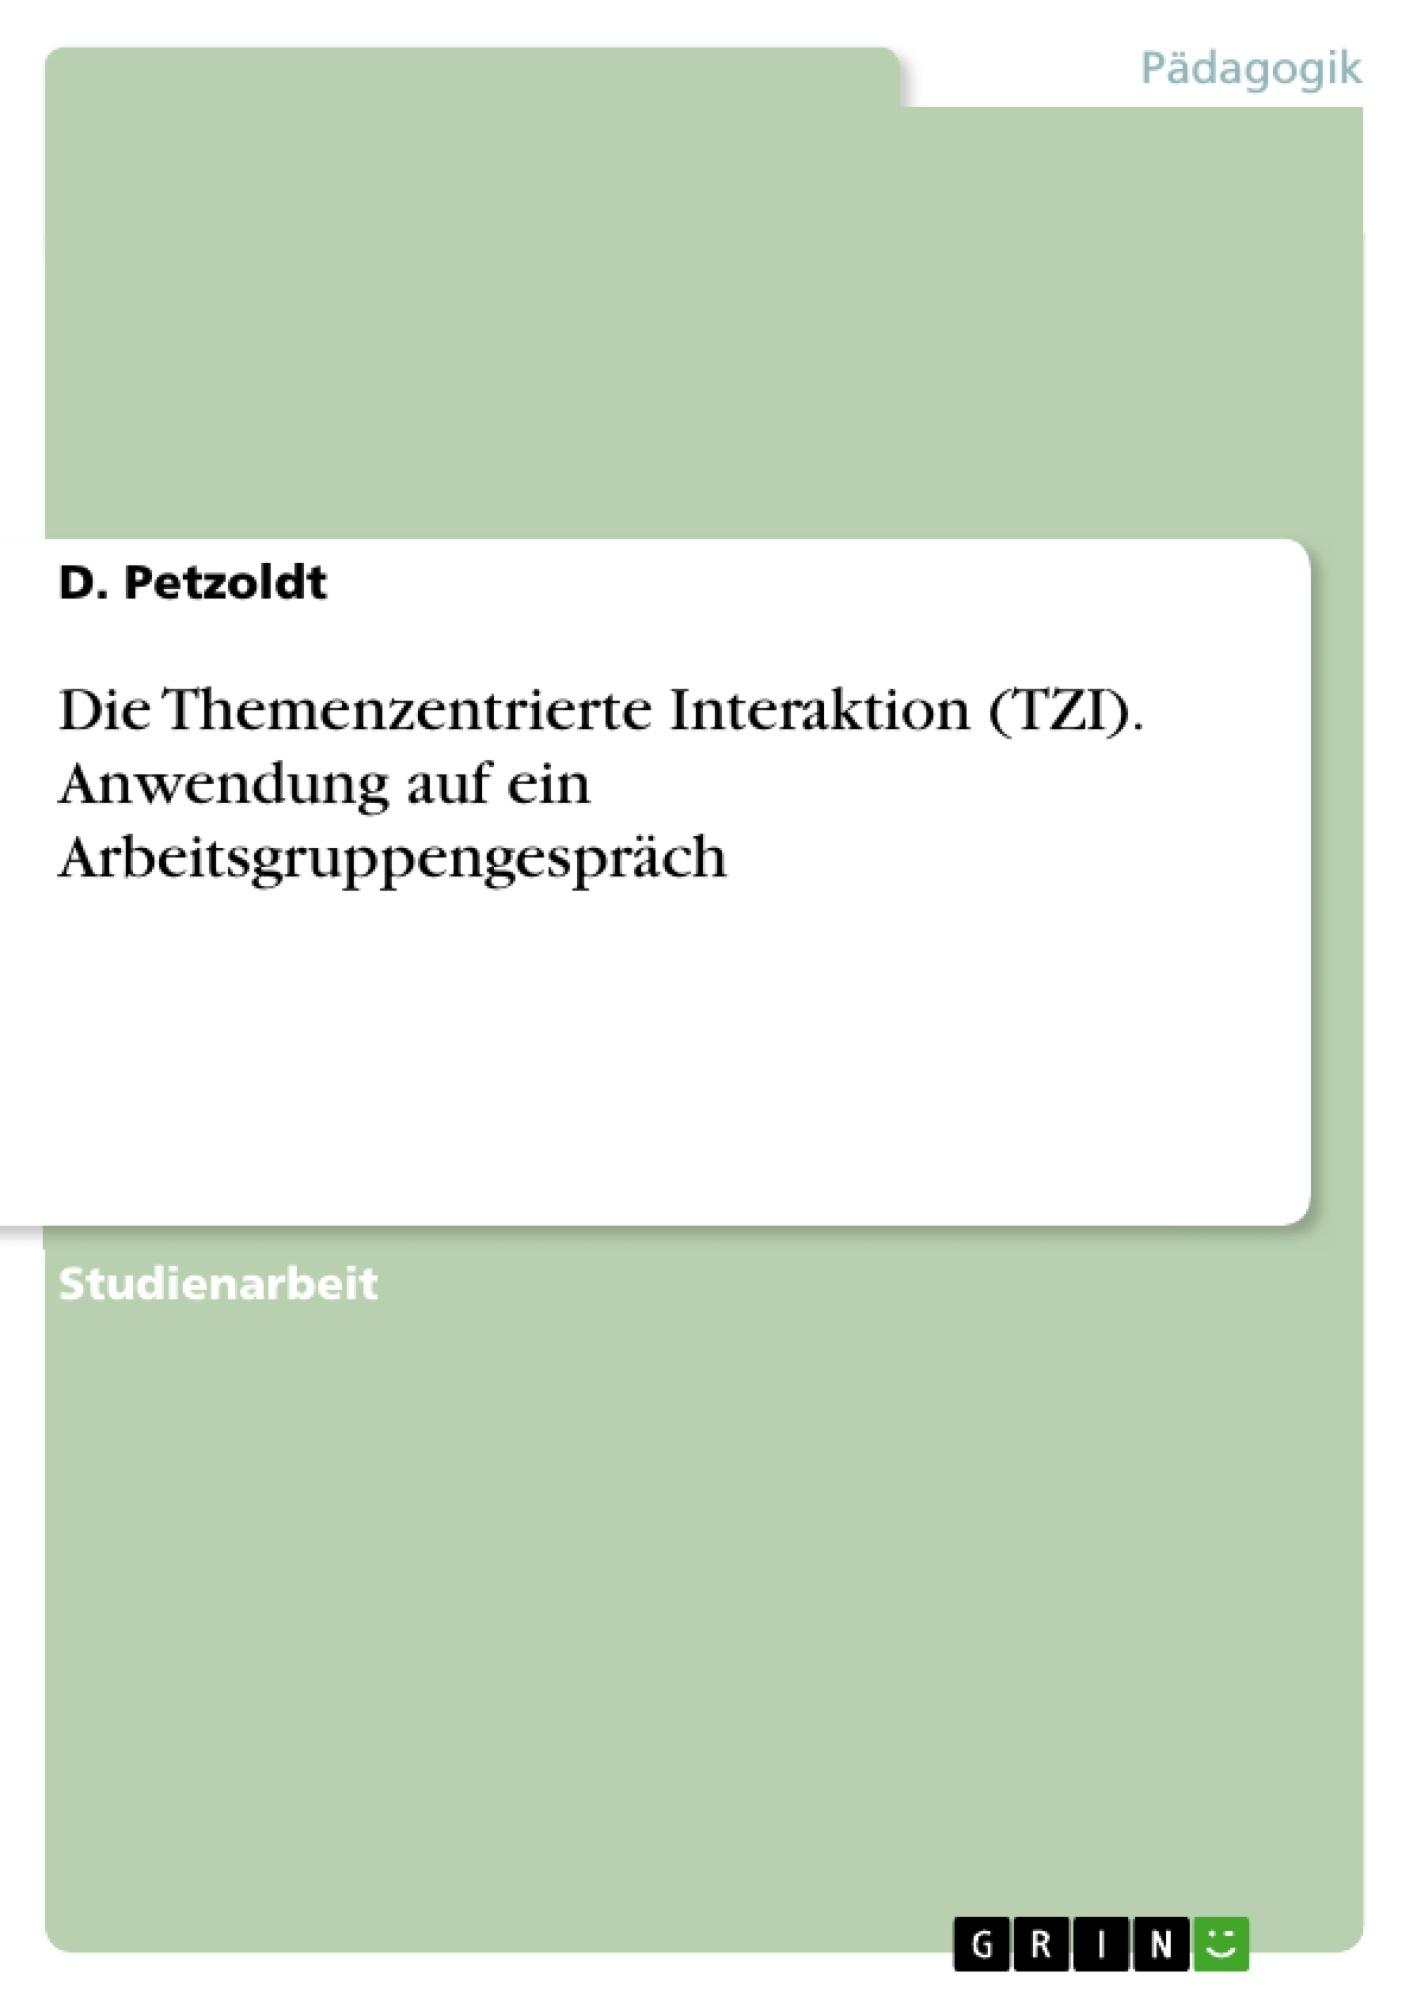 Titel: Die Themenzentrierte Interaktion (TZI). Anwendung auf ein Arbeitsgruppengespräch